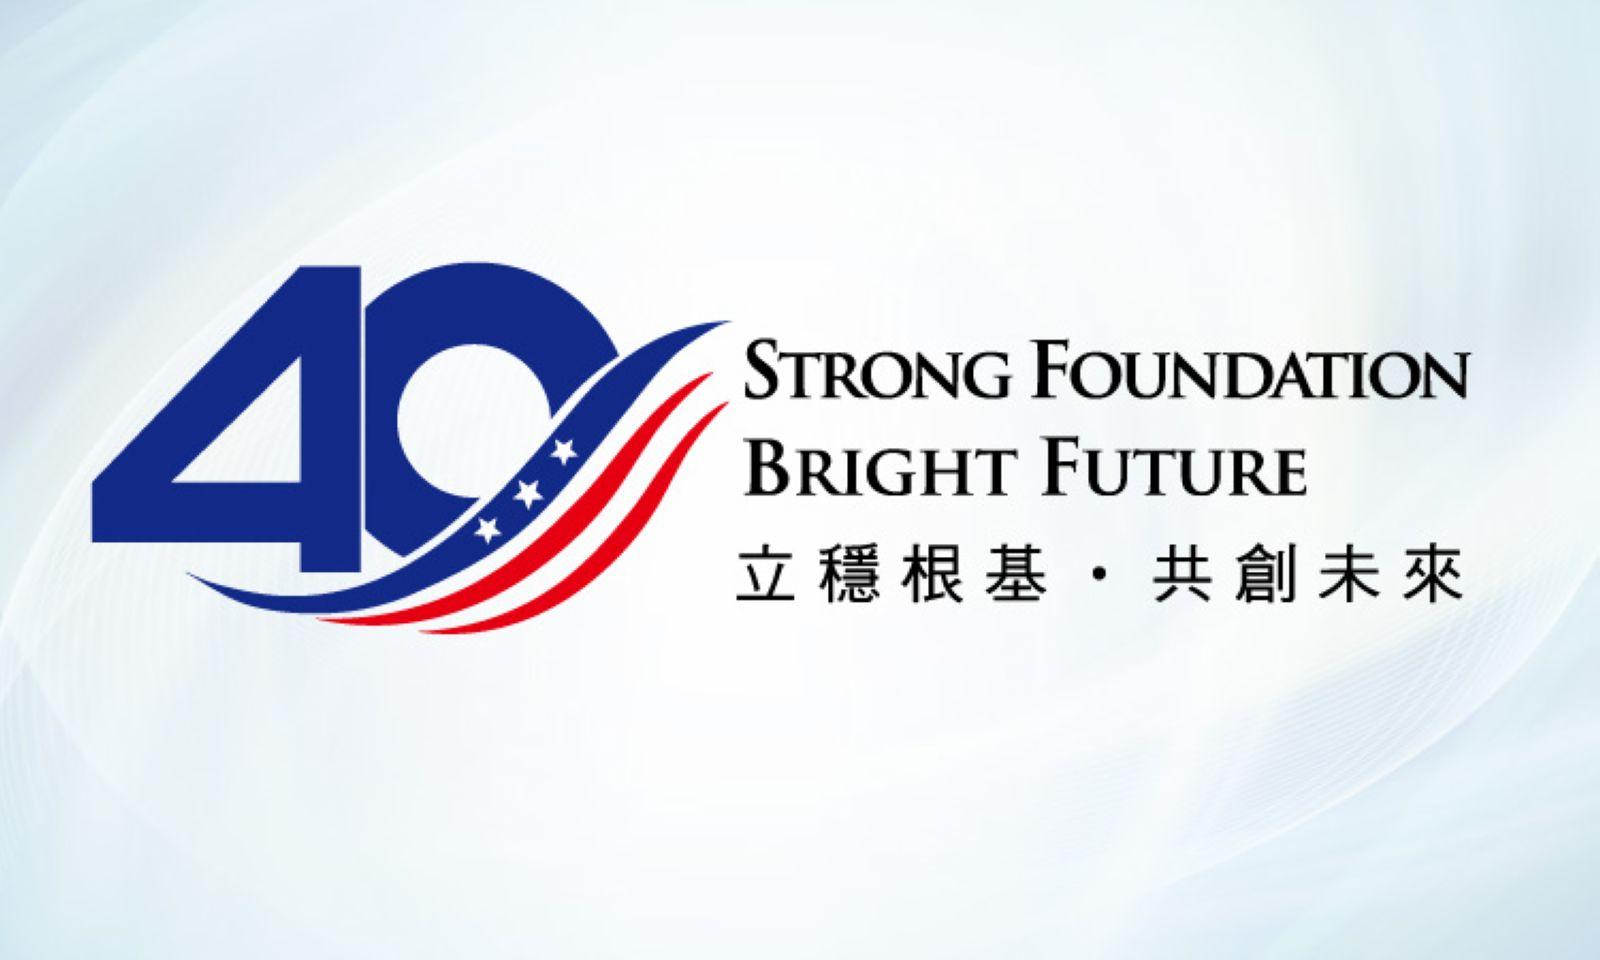 【黃奎博觀點】《臺灣關係法》未來展望:台灣納入美國軍演的紅線與地雷